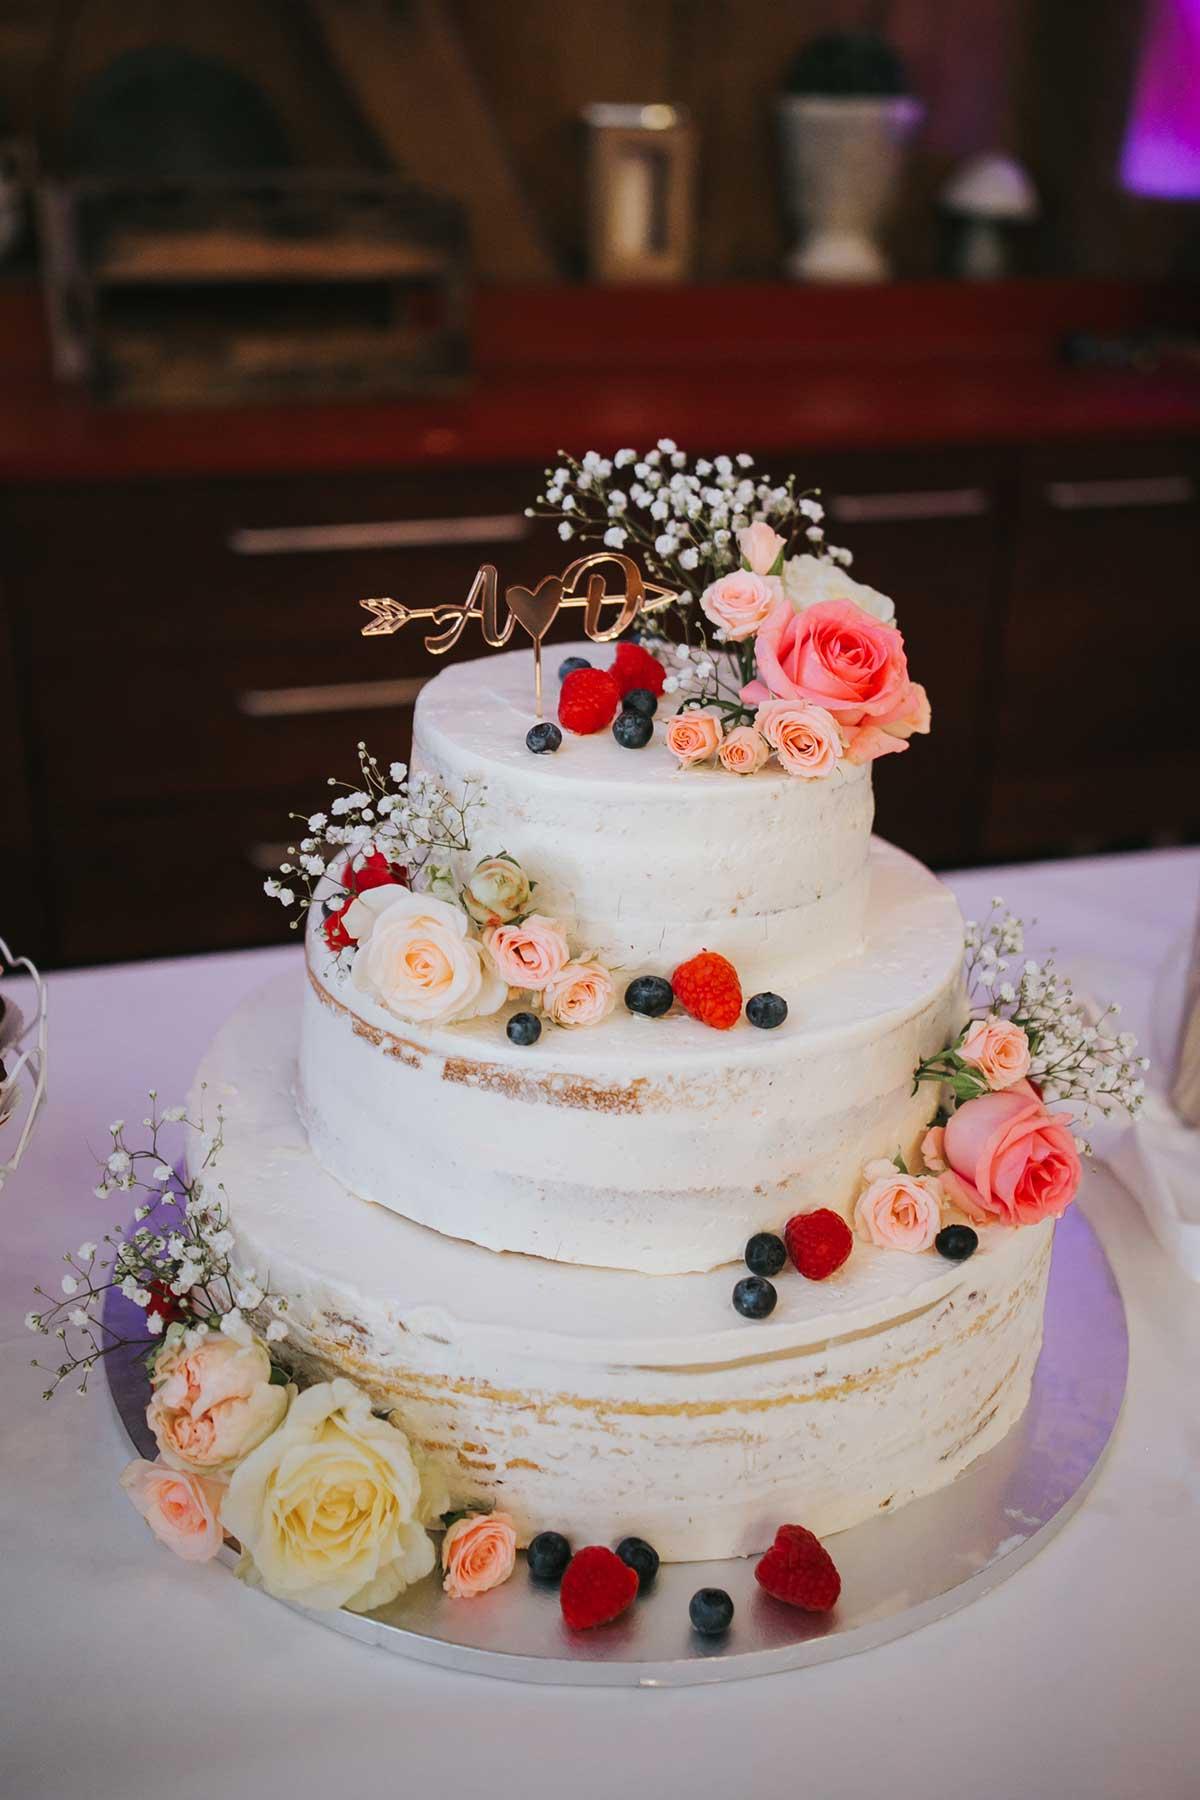 Hochzeitstorte im seminaked Look mit Blüten und Beeren